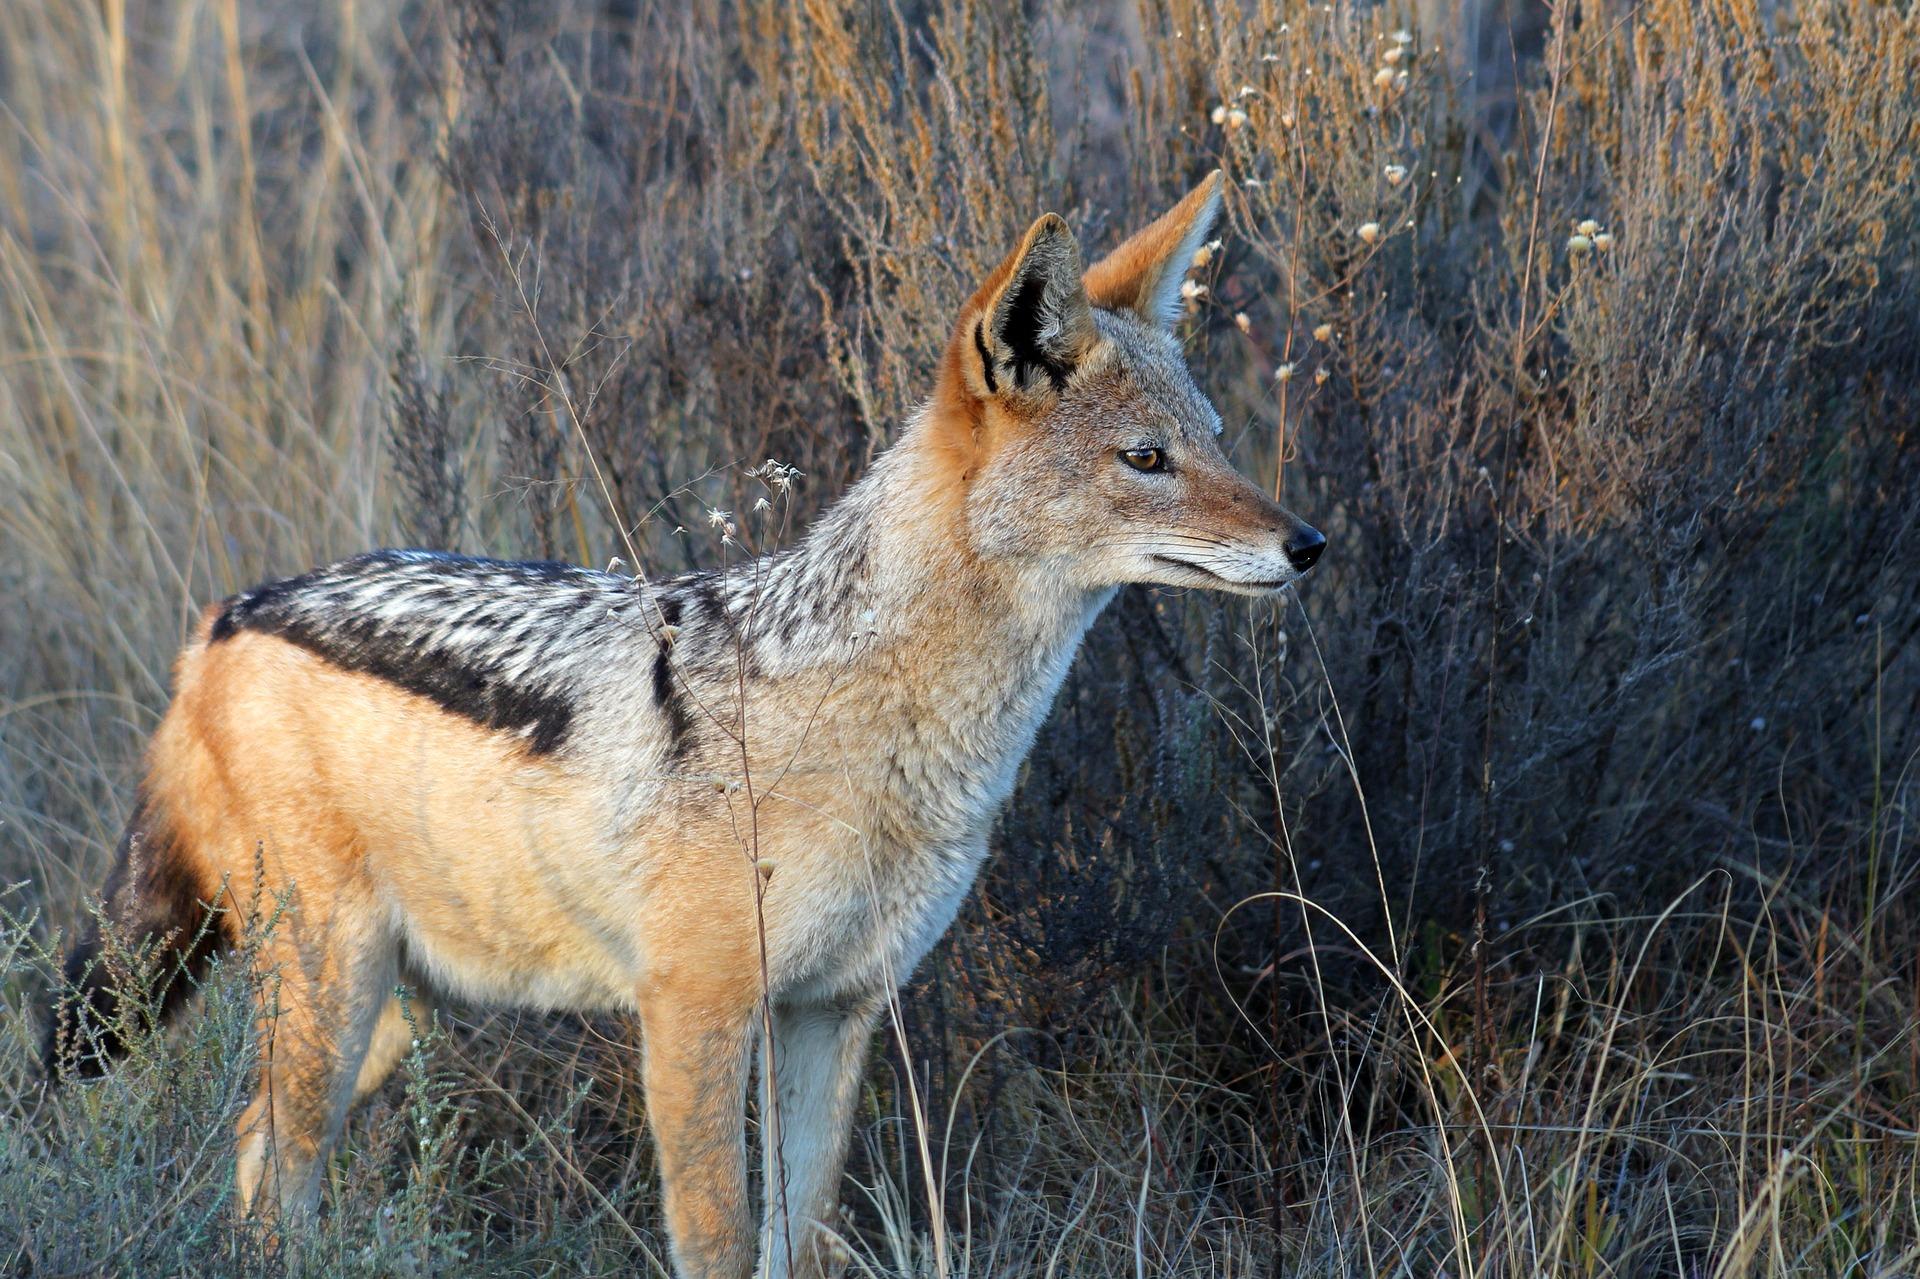 images of a jackal